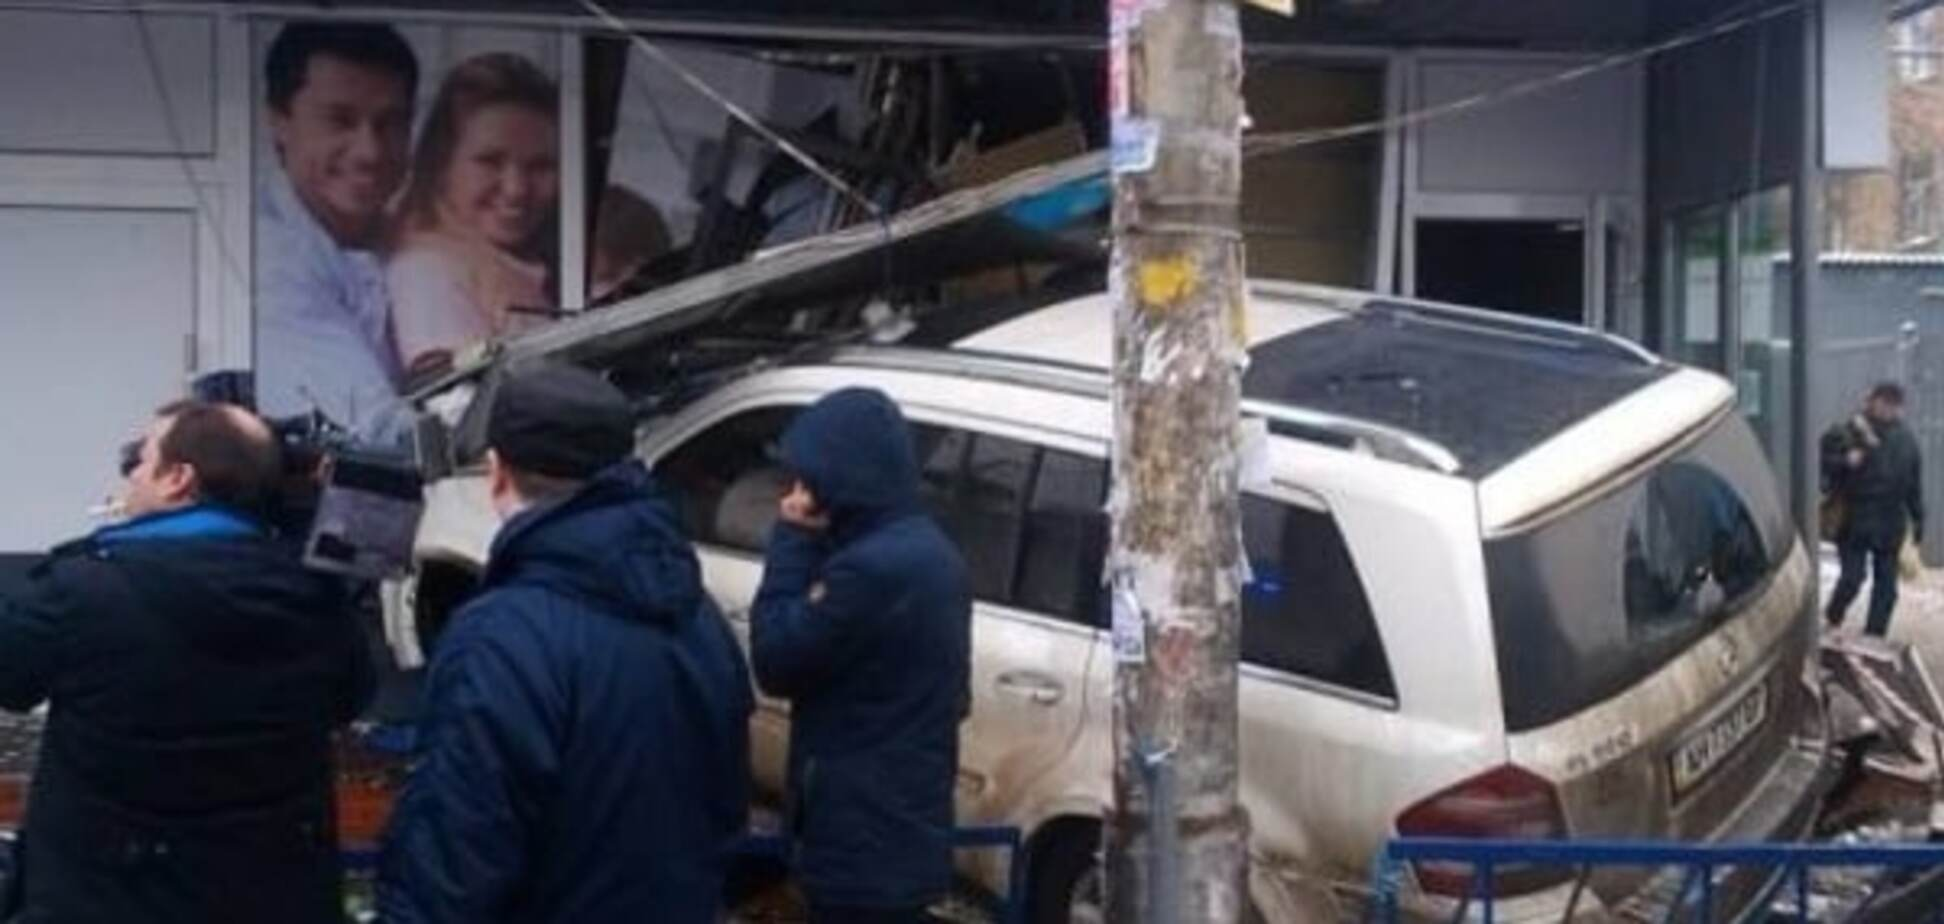 Смертельна ДТП у Києві: водій-мажор потрапив у лікарню